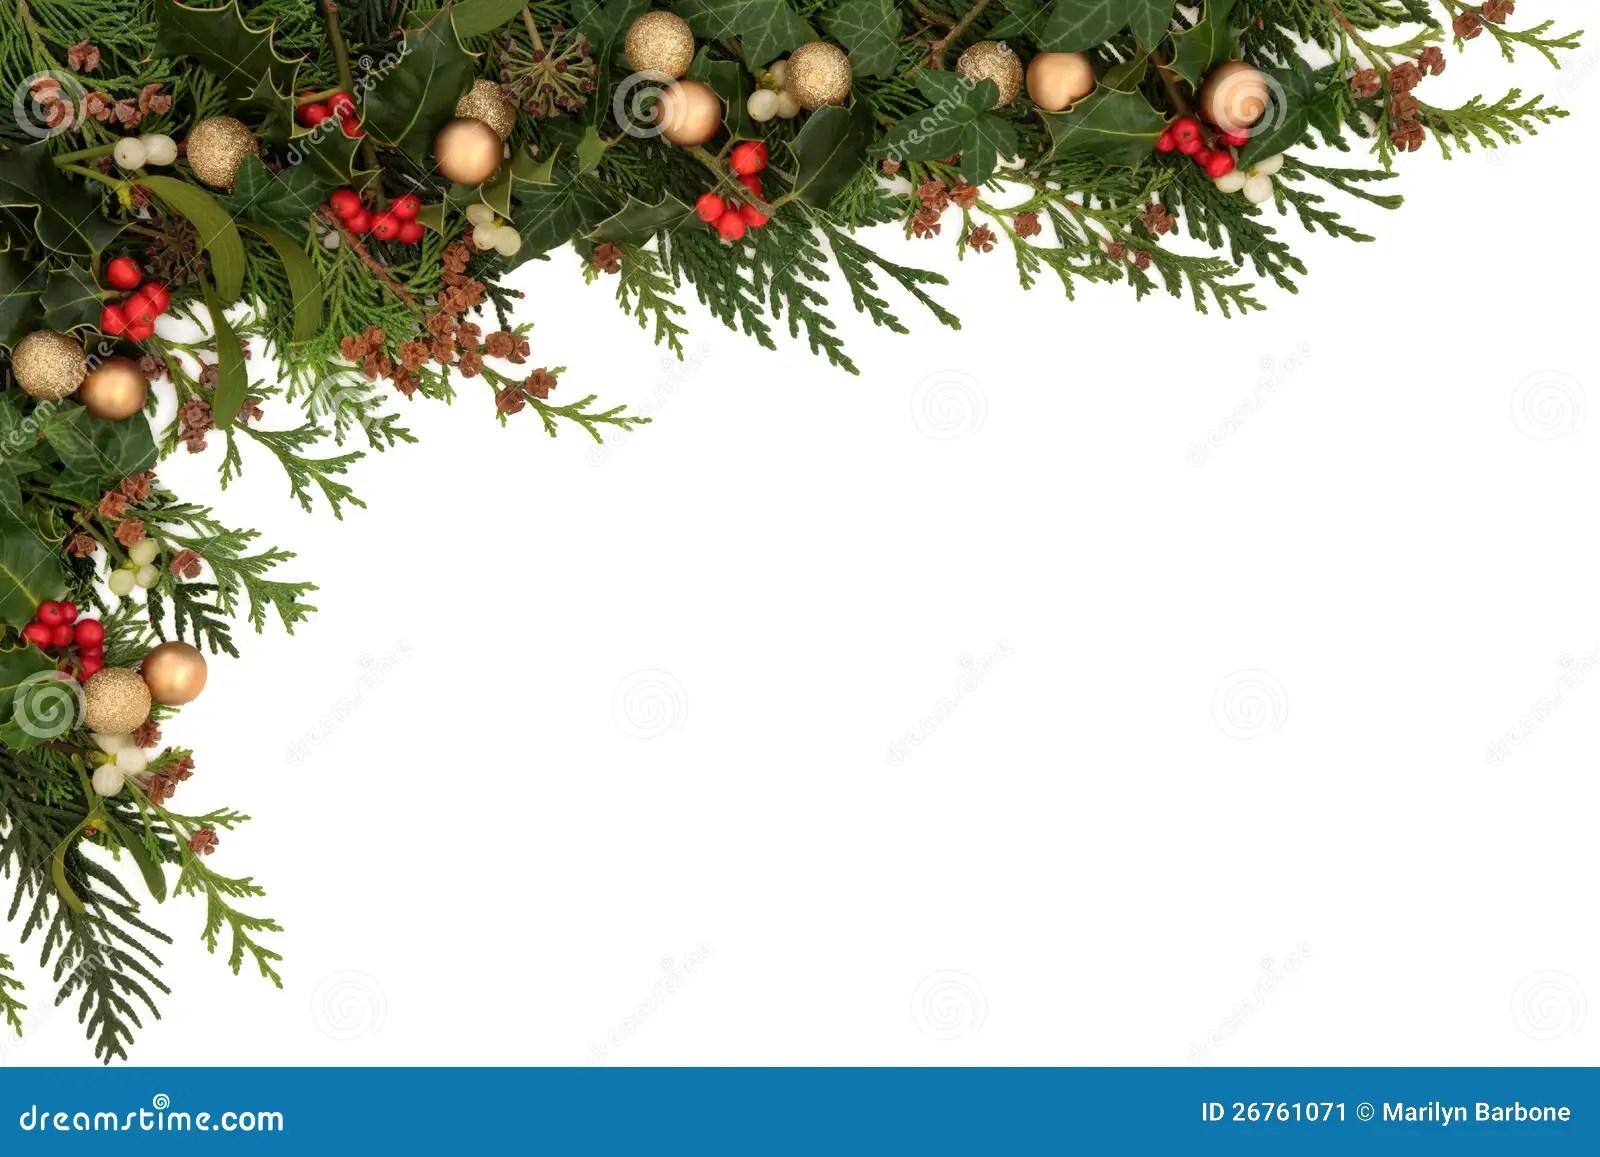 3d Xmas Tree Live Wallpaper Festive Border Stock Image Image 26761071